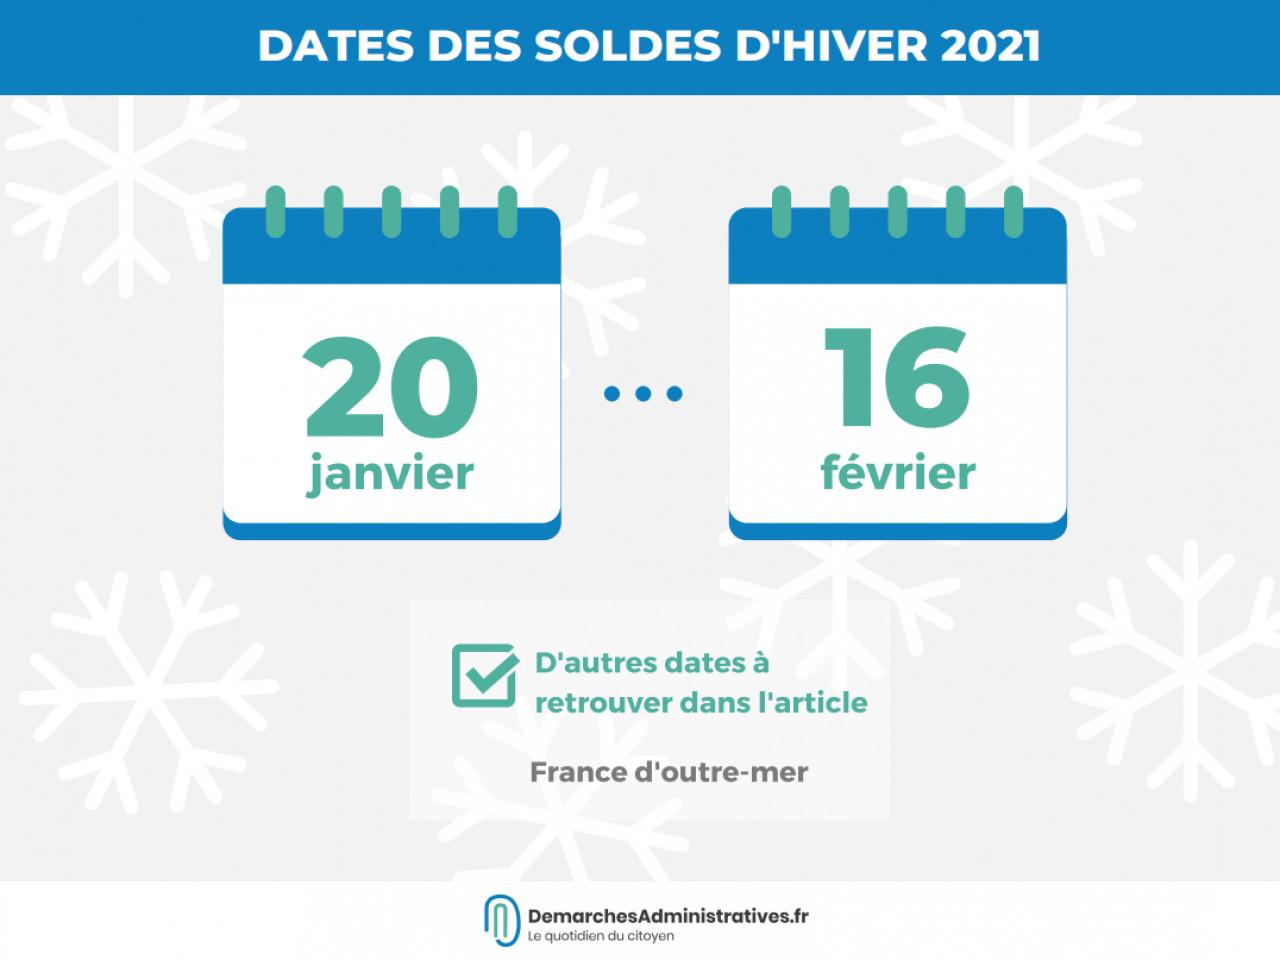 Date des soldes d'hiver 2021